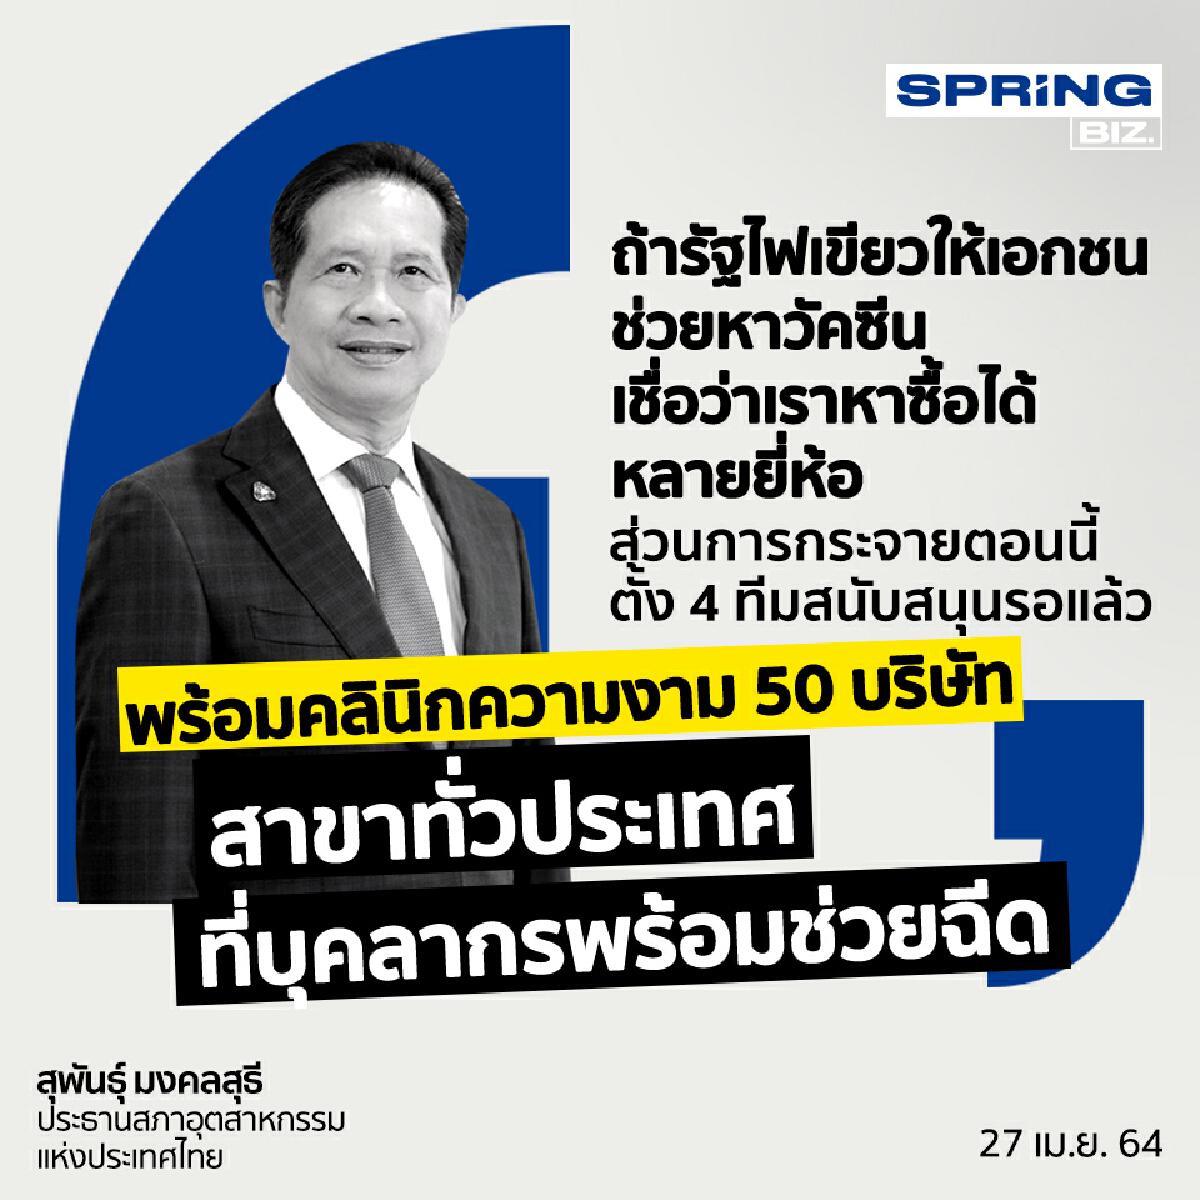 """เอกชนเปิดแผน คุย""""นายก""""ช่วยกระจาย-หาวัคซีนโควิด 19 ฟื้นเศรษฐกิจไทย"""